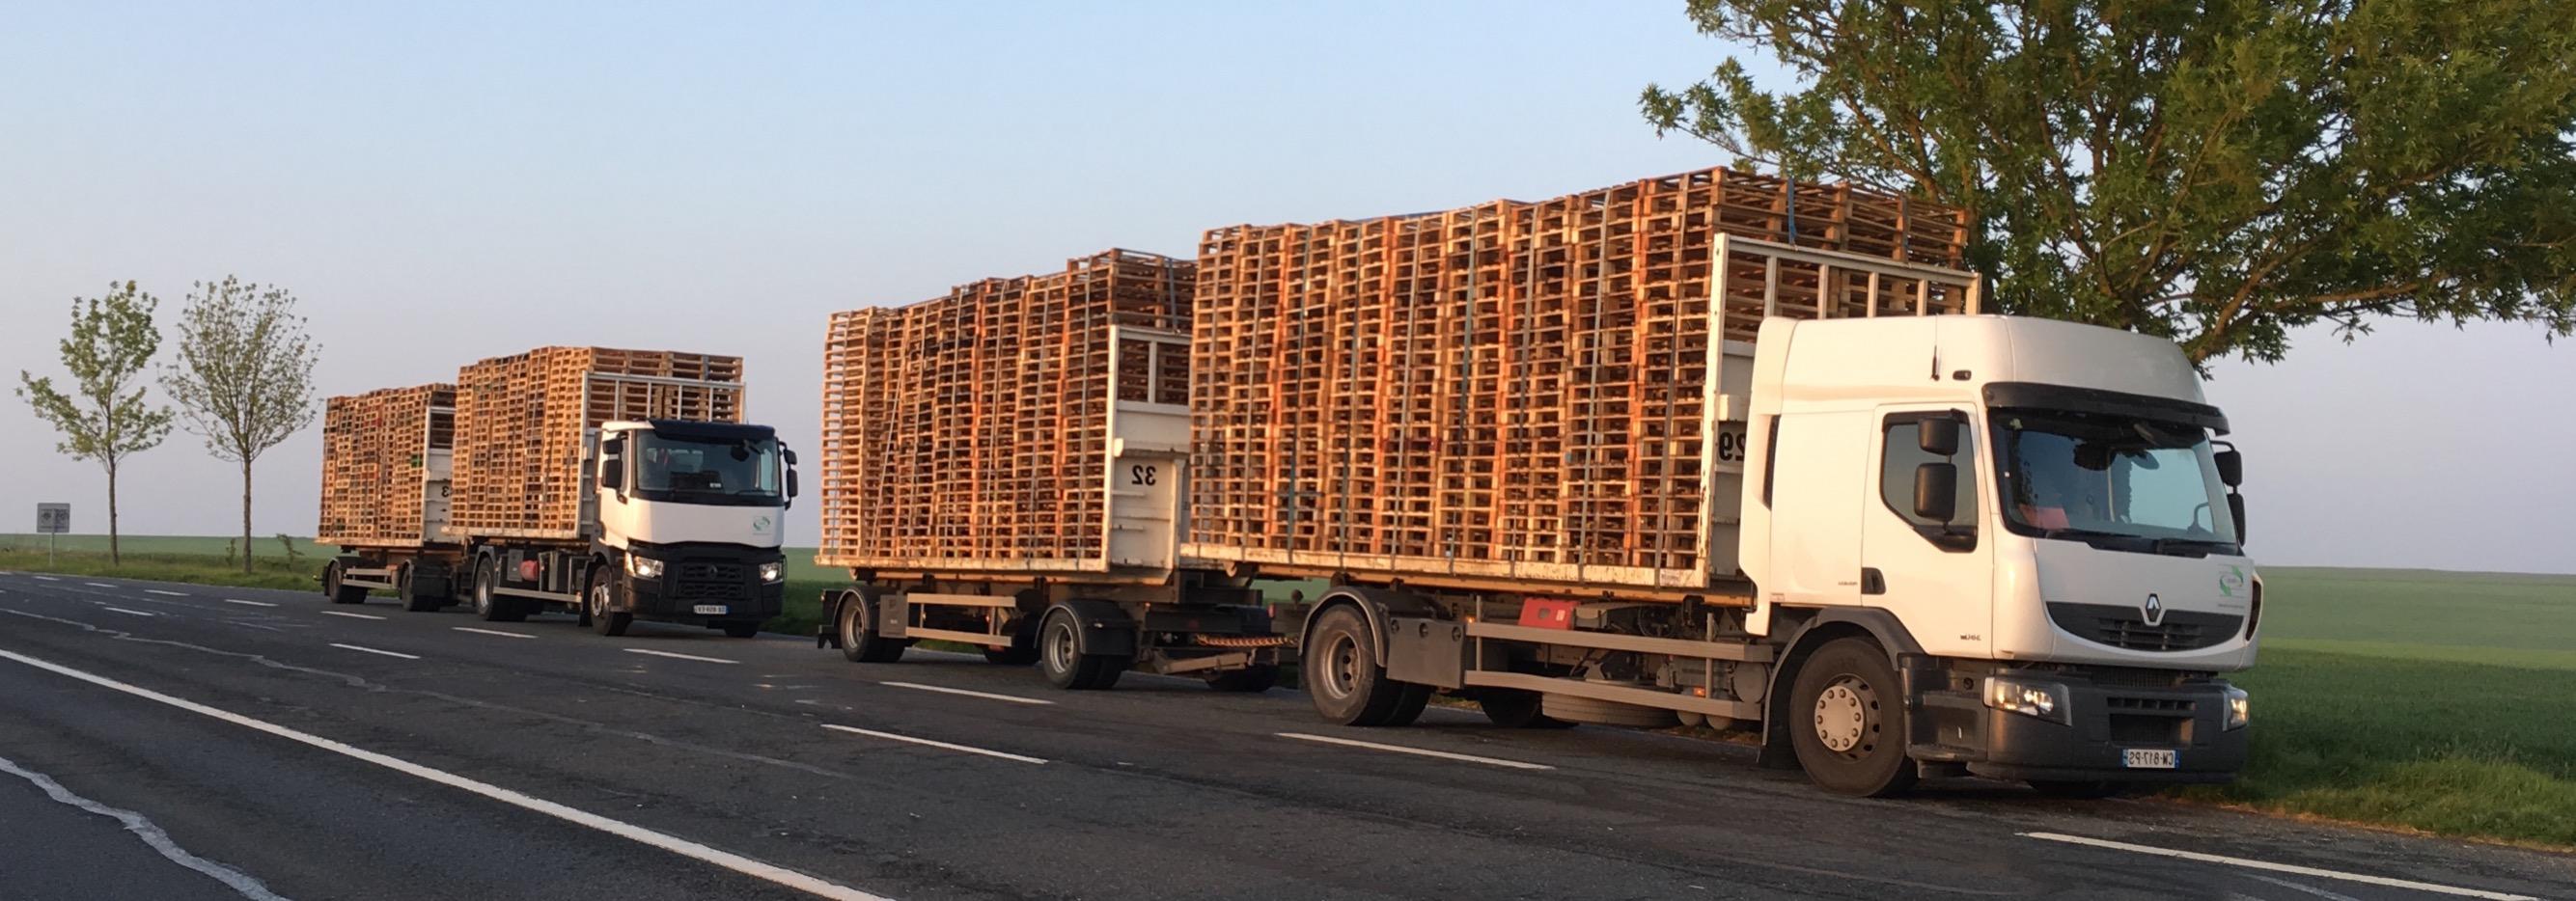 Camions-remorques grands volumes